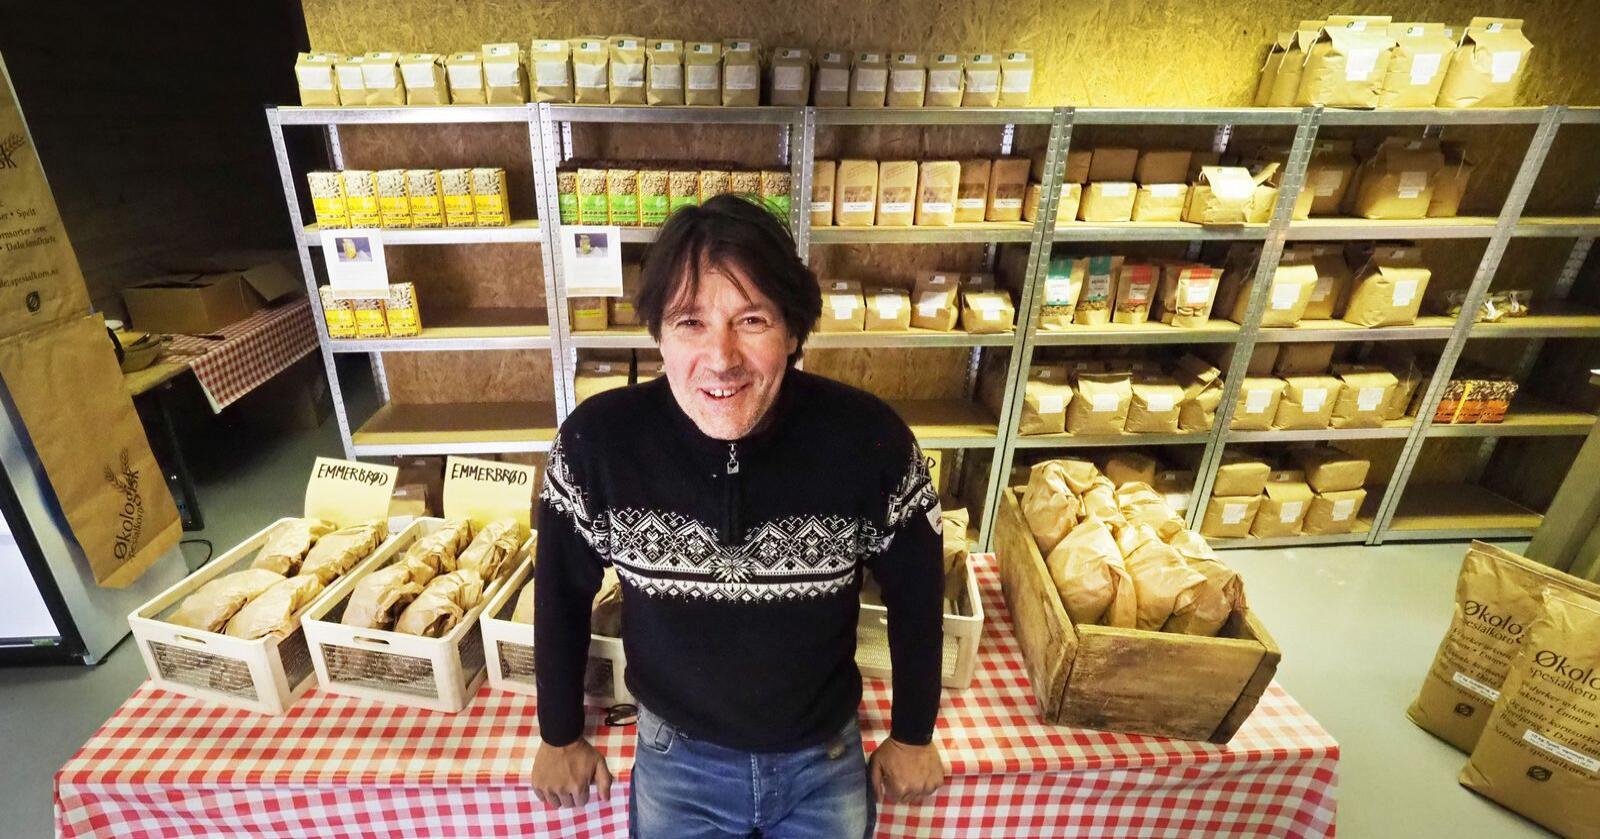 Daglig leder Rune Henninen selger korn til Norgesgruppen, Reko-ringen og har utsalg i butikk ved mølla. Alle foto: Siri Juell Rasmussen